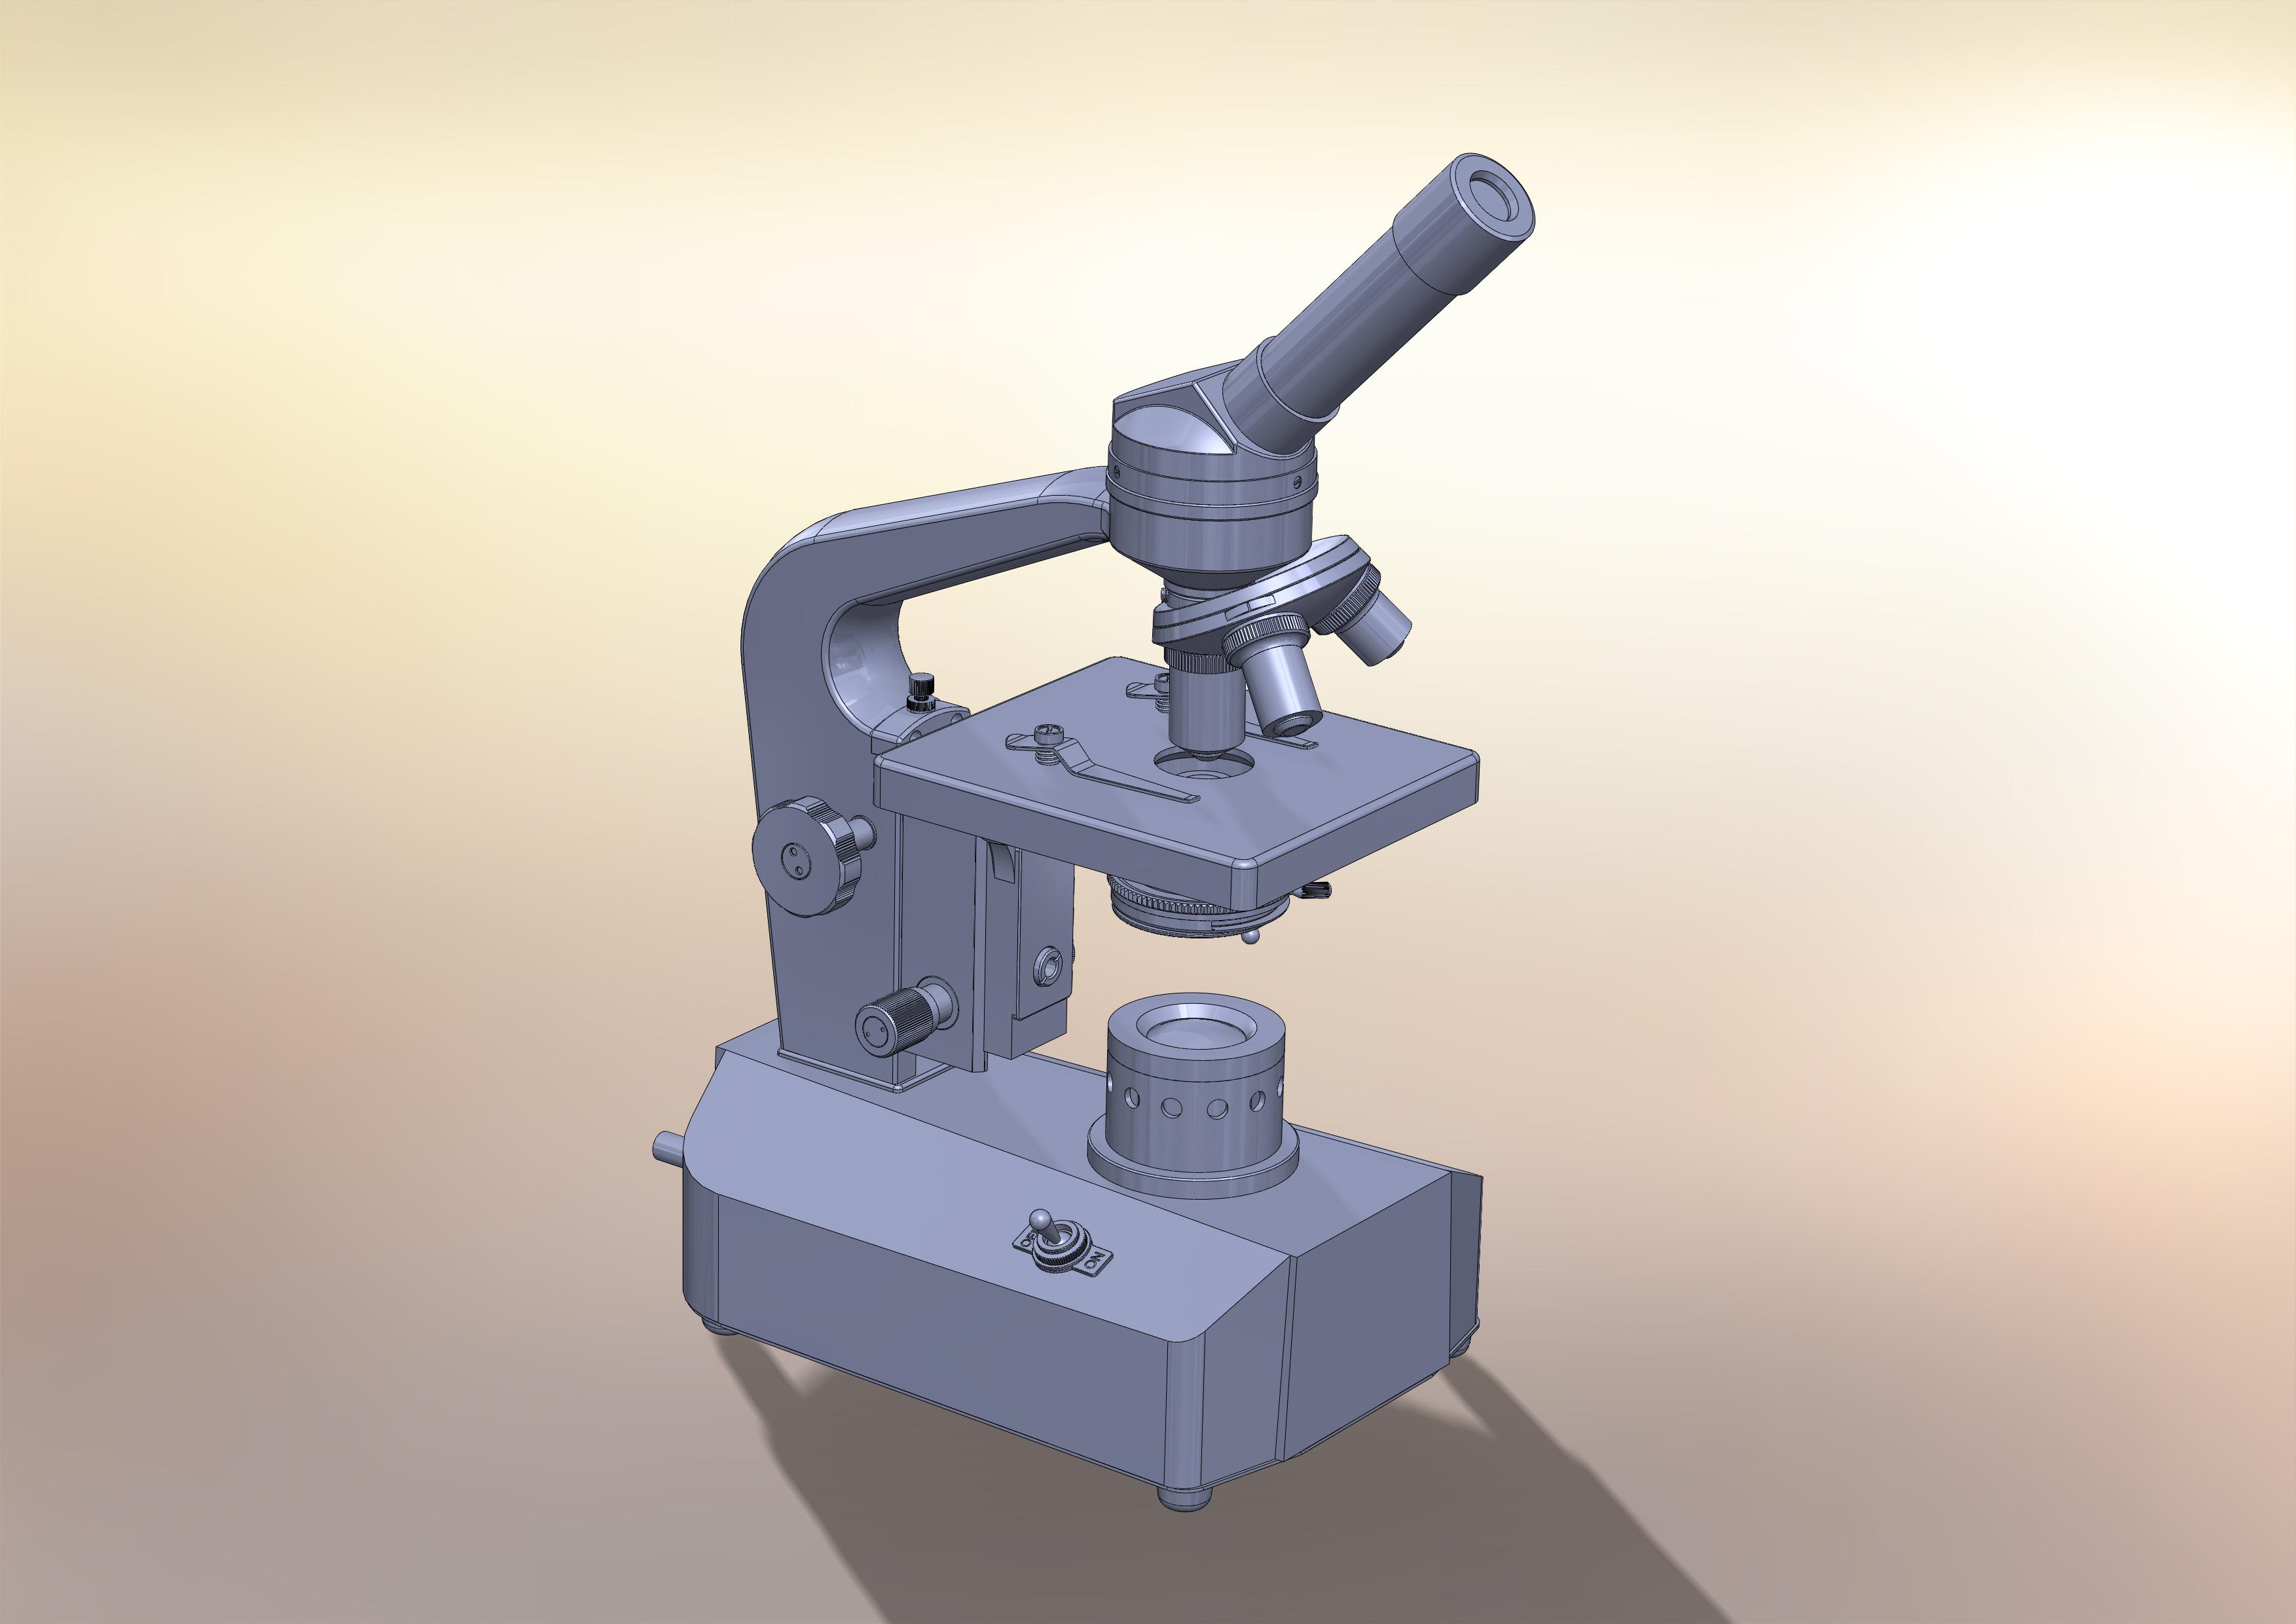 显微镜_stl_玩具礼品_3d模型_图纸下载_微小网